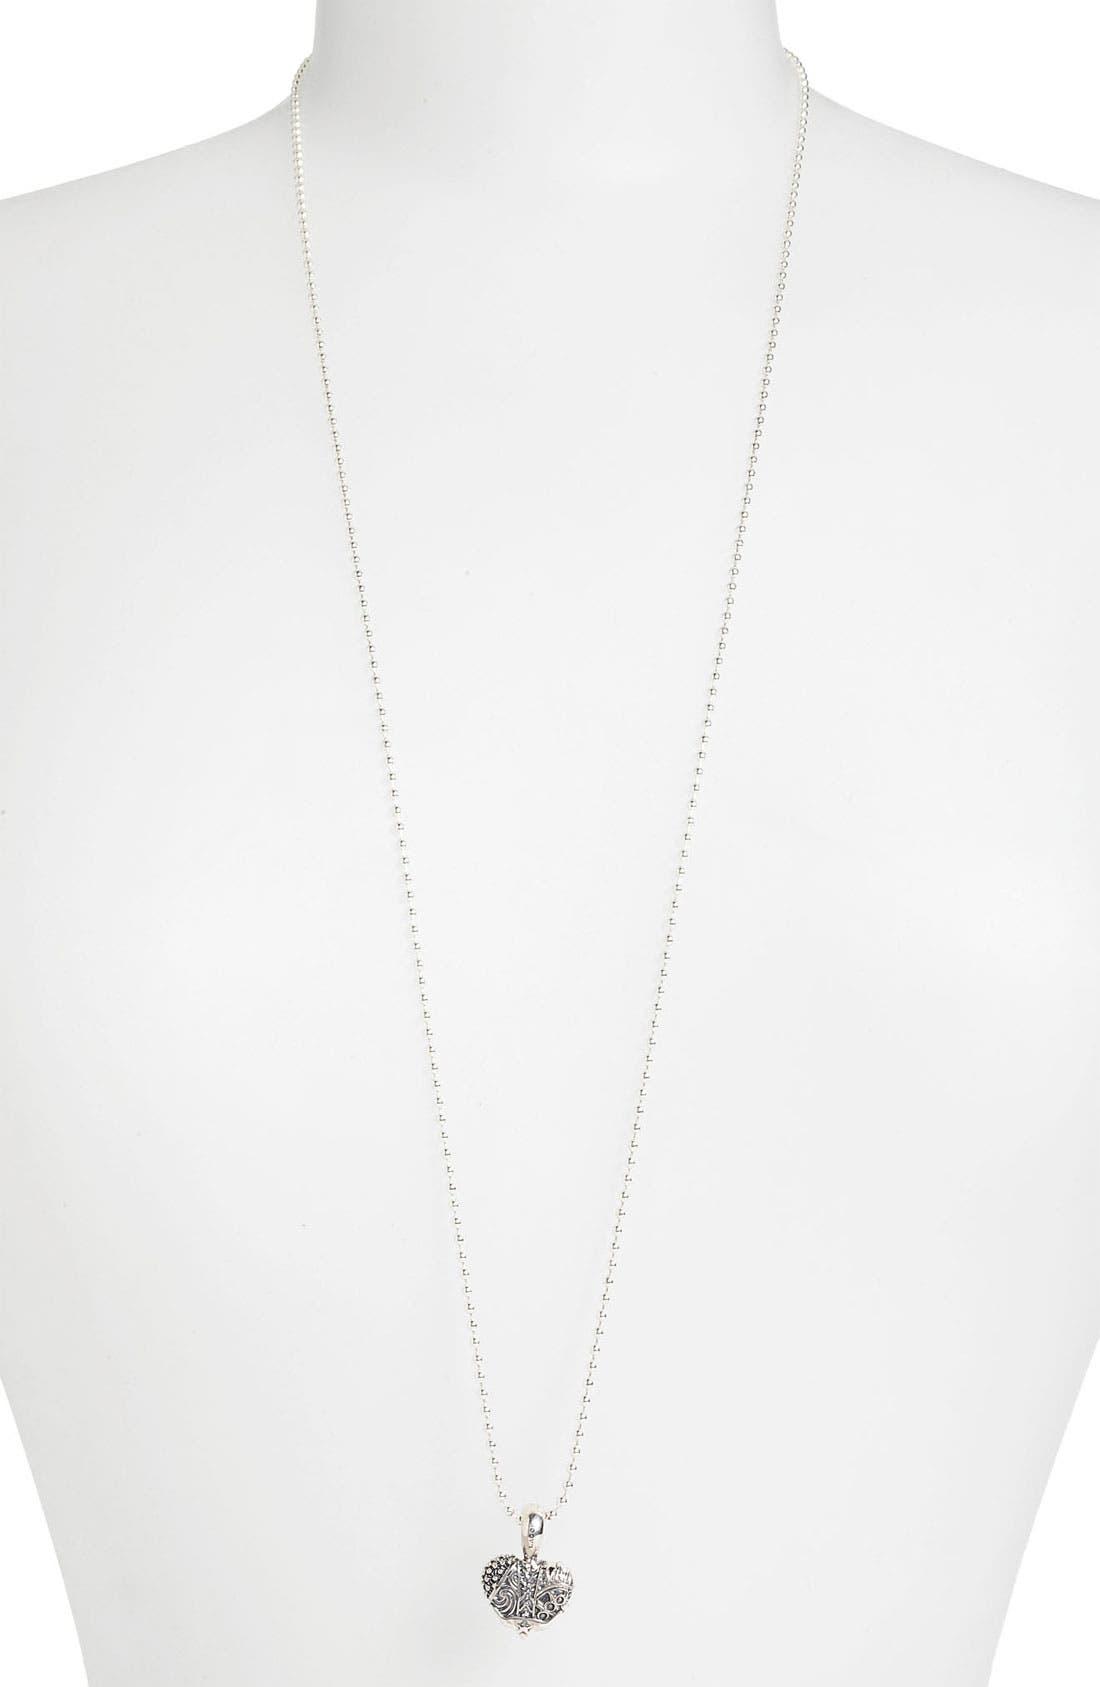 Lagos 'Hearts of Lagos - Texas' Long Pendant Necklace